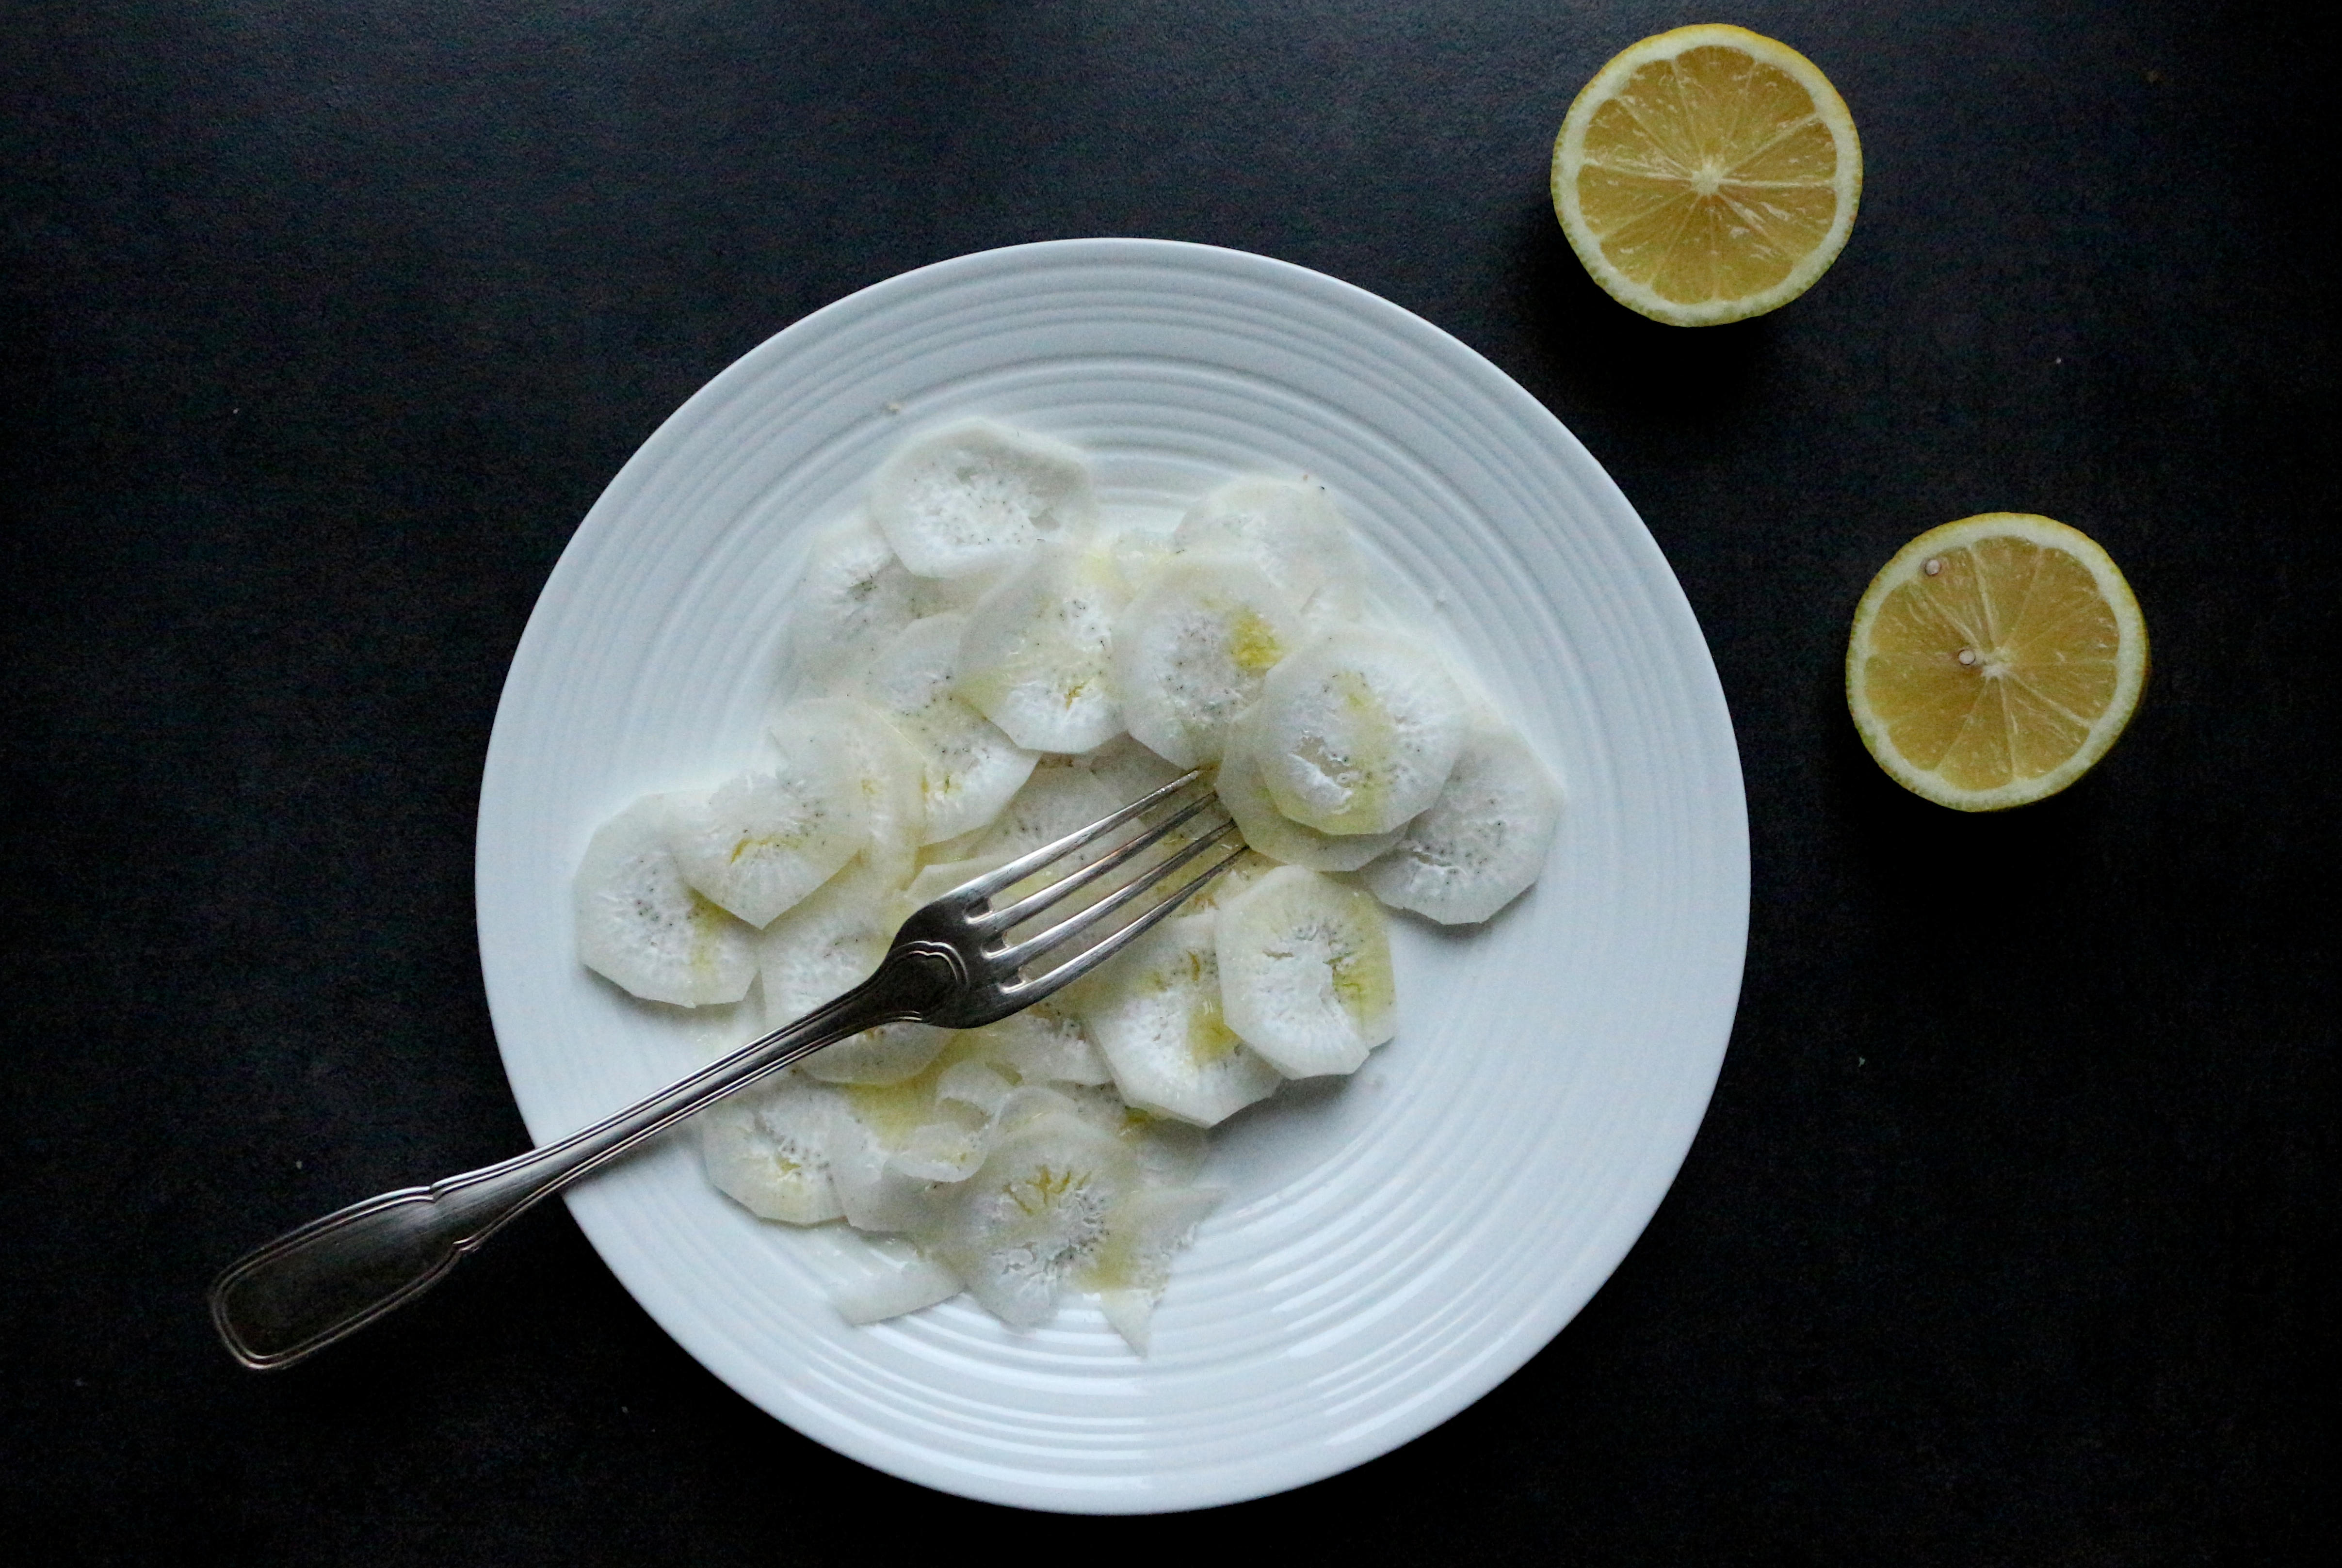 Comment se mange le radis noir r gime pauvre en calories - Comment conserver le radis noir ...